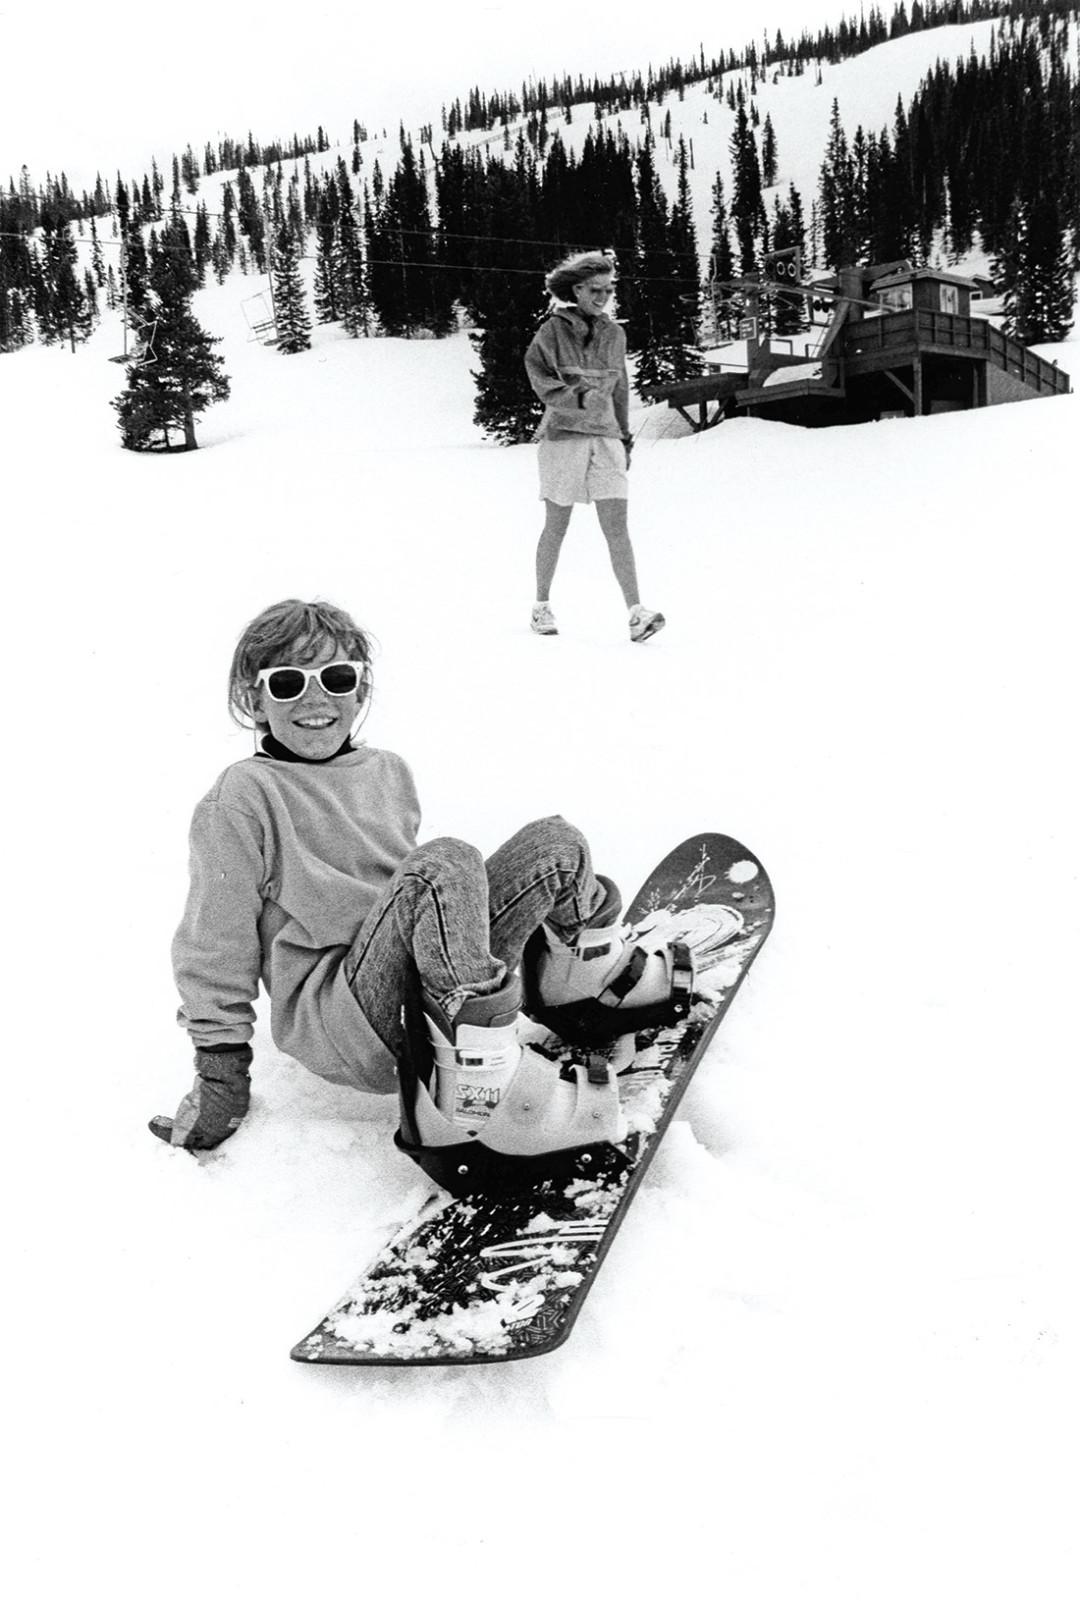 0215 breaking trail snowboarder pgckvf